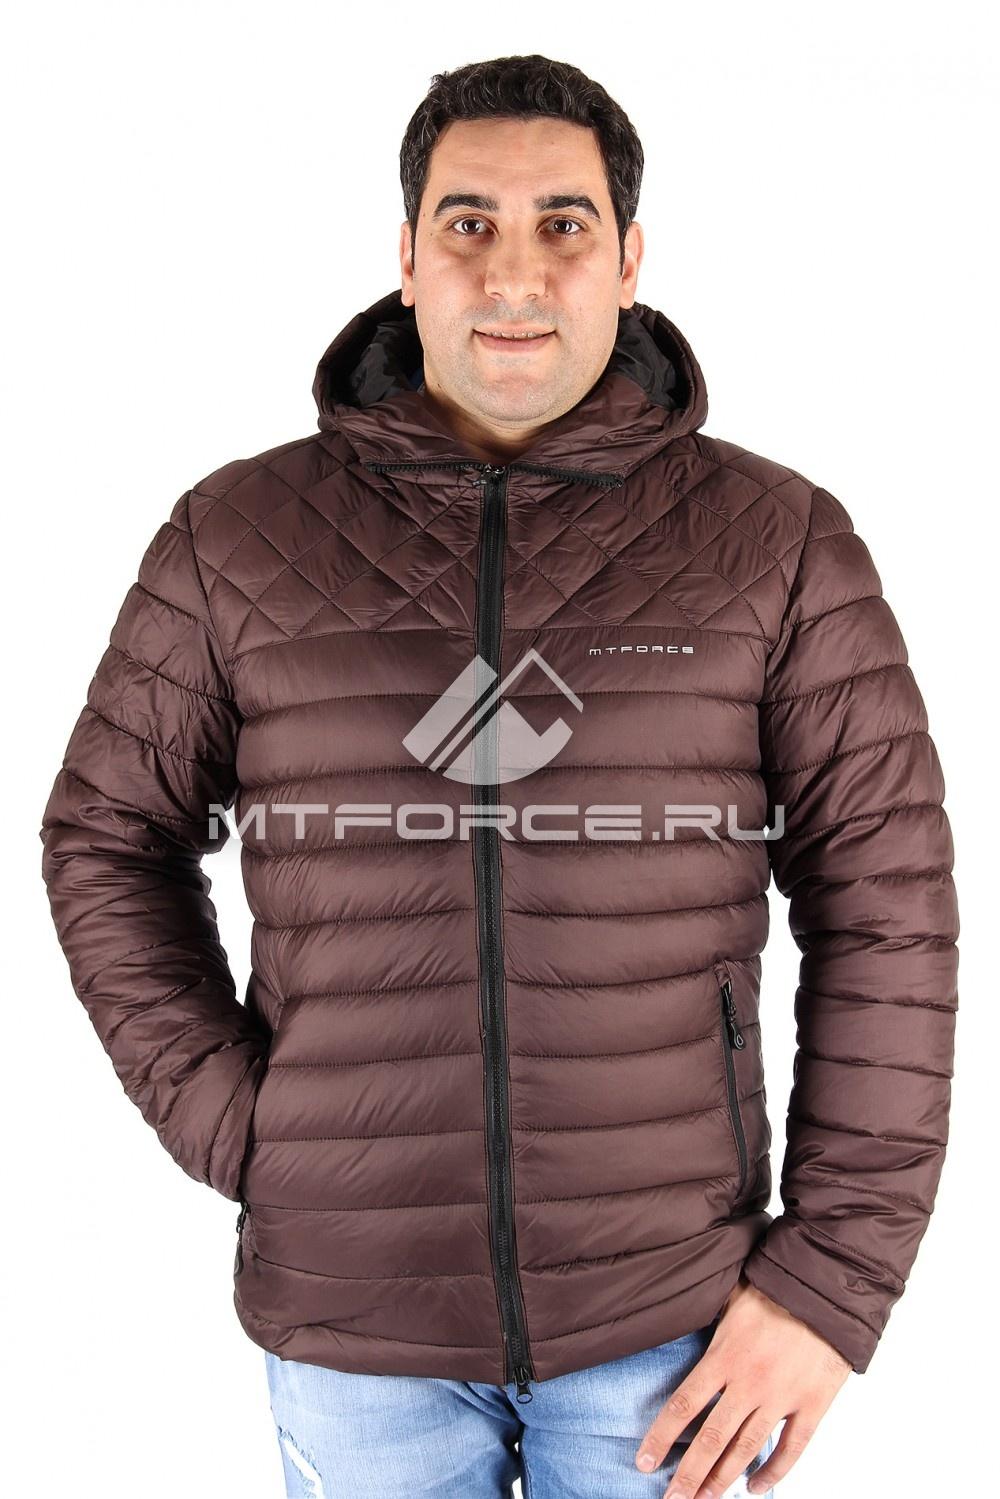 Купить                                  оптом Куртка мужская коричневого цвета 1618К